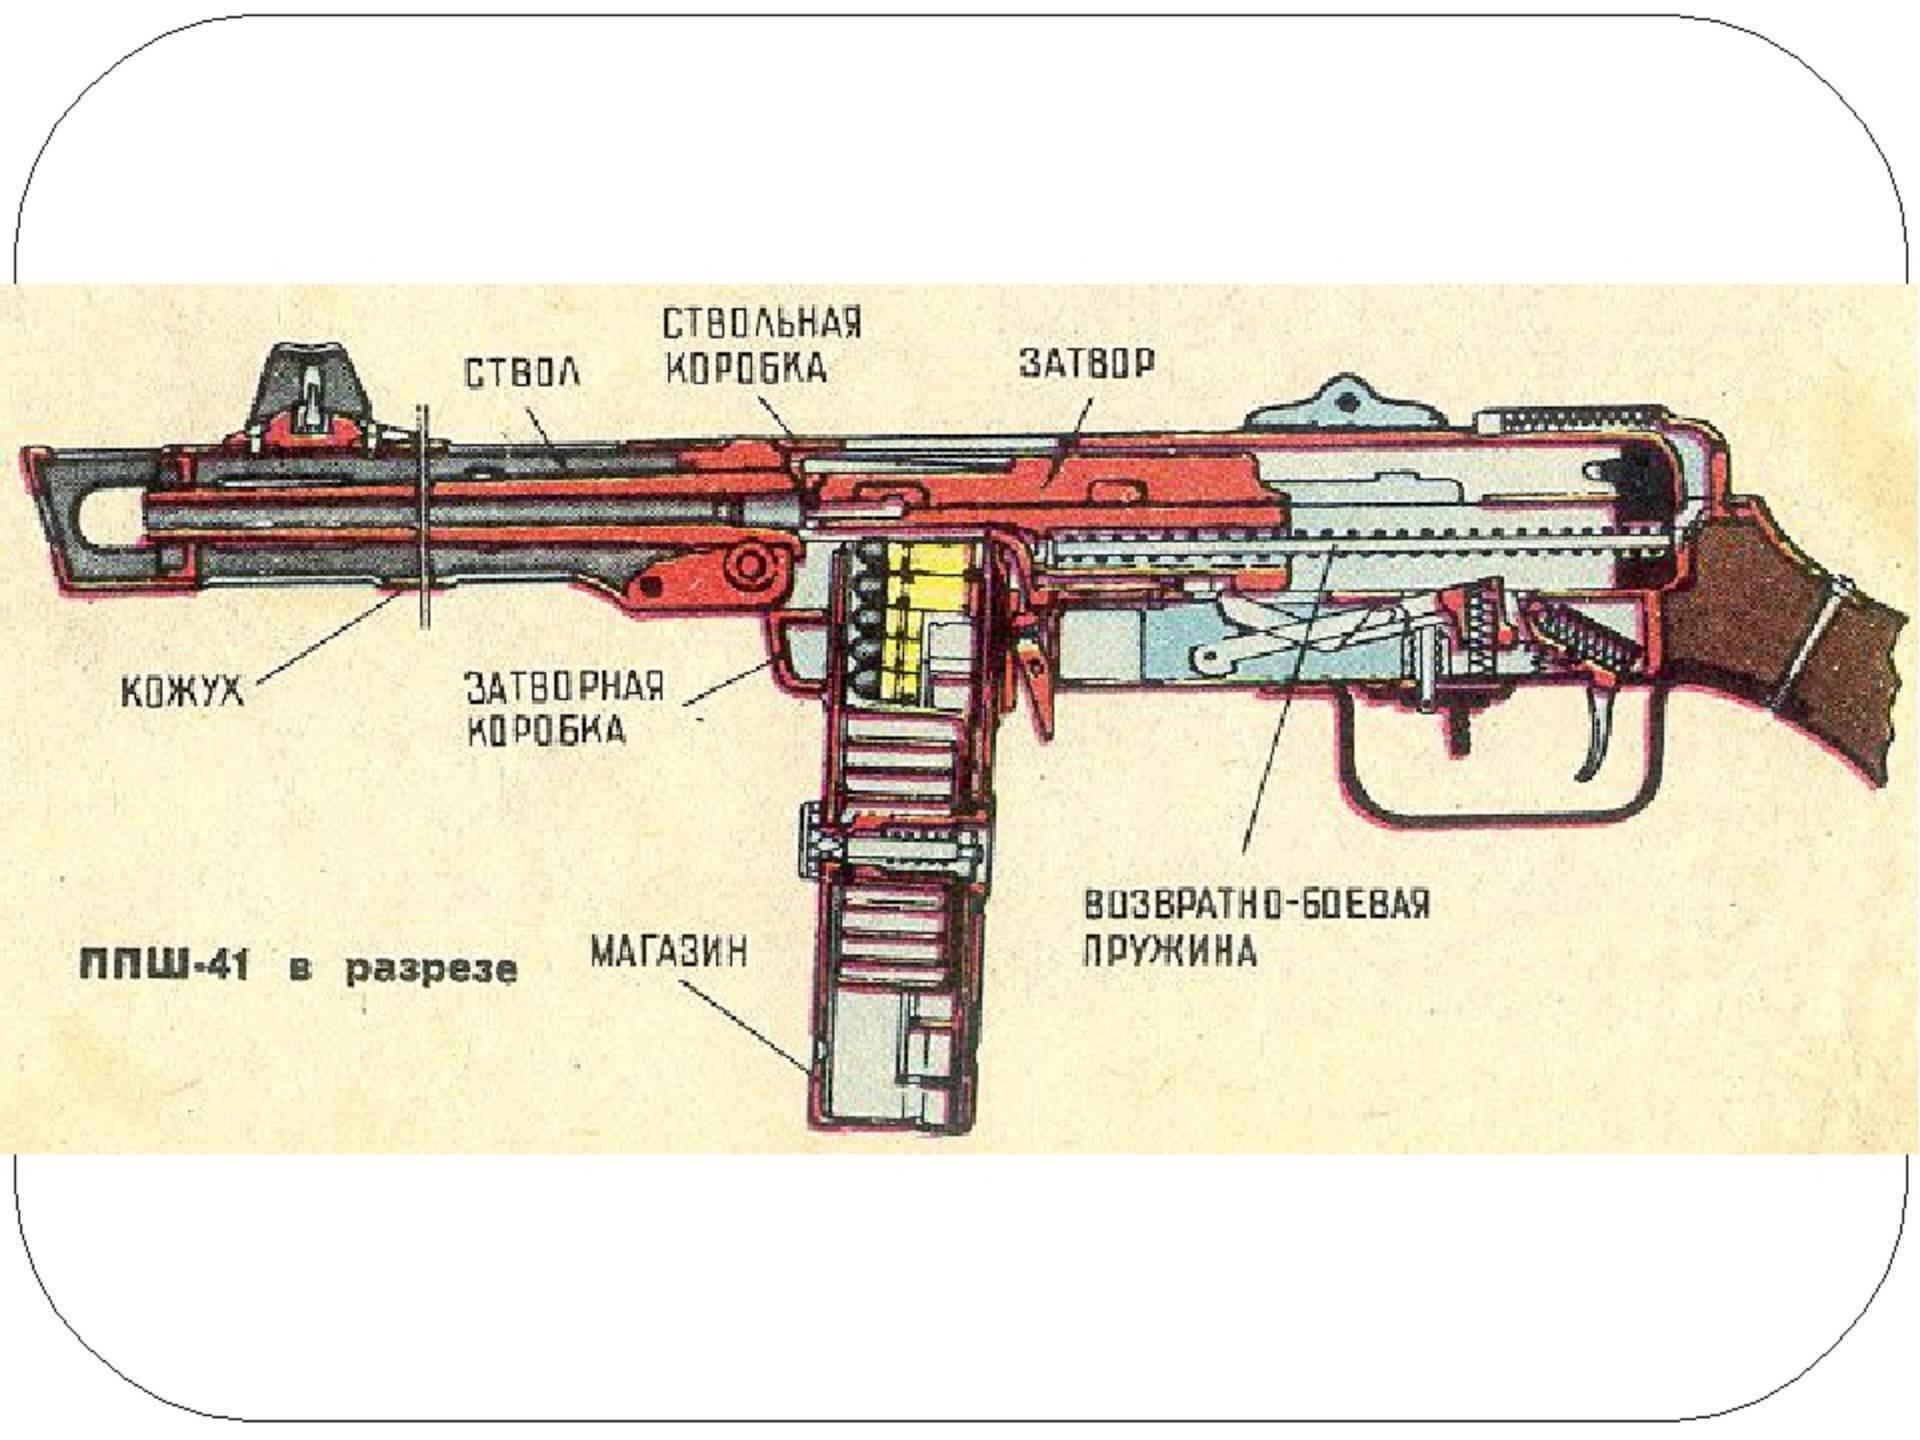 Пистолет пулемет шпагина краткое описание. пистолет-пулемет системы шпагина: барабанная дробь красной армии